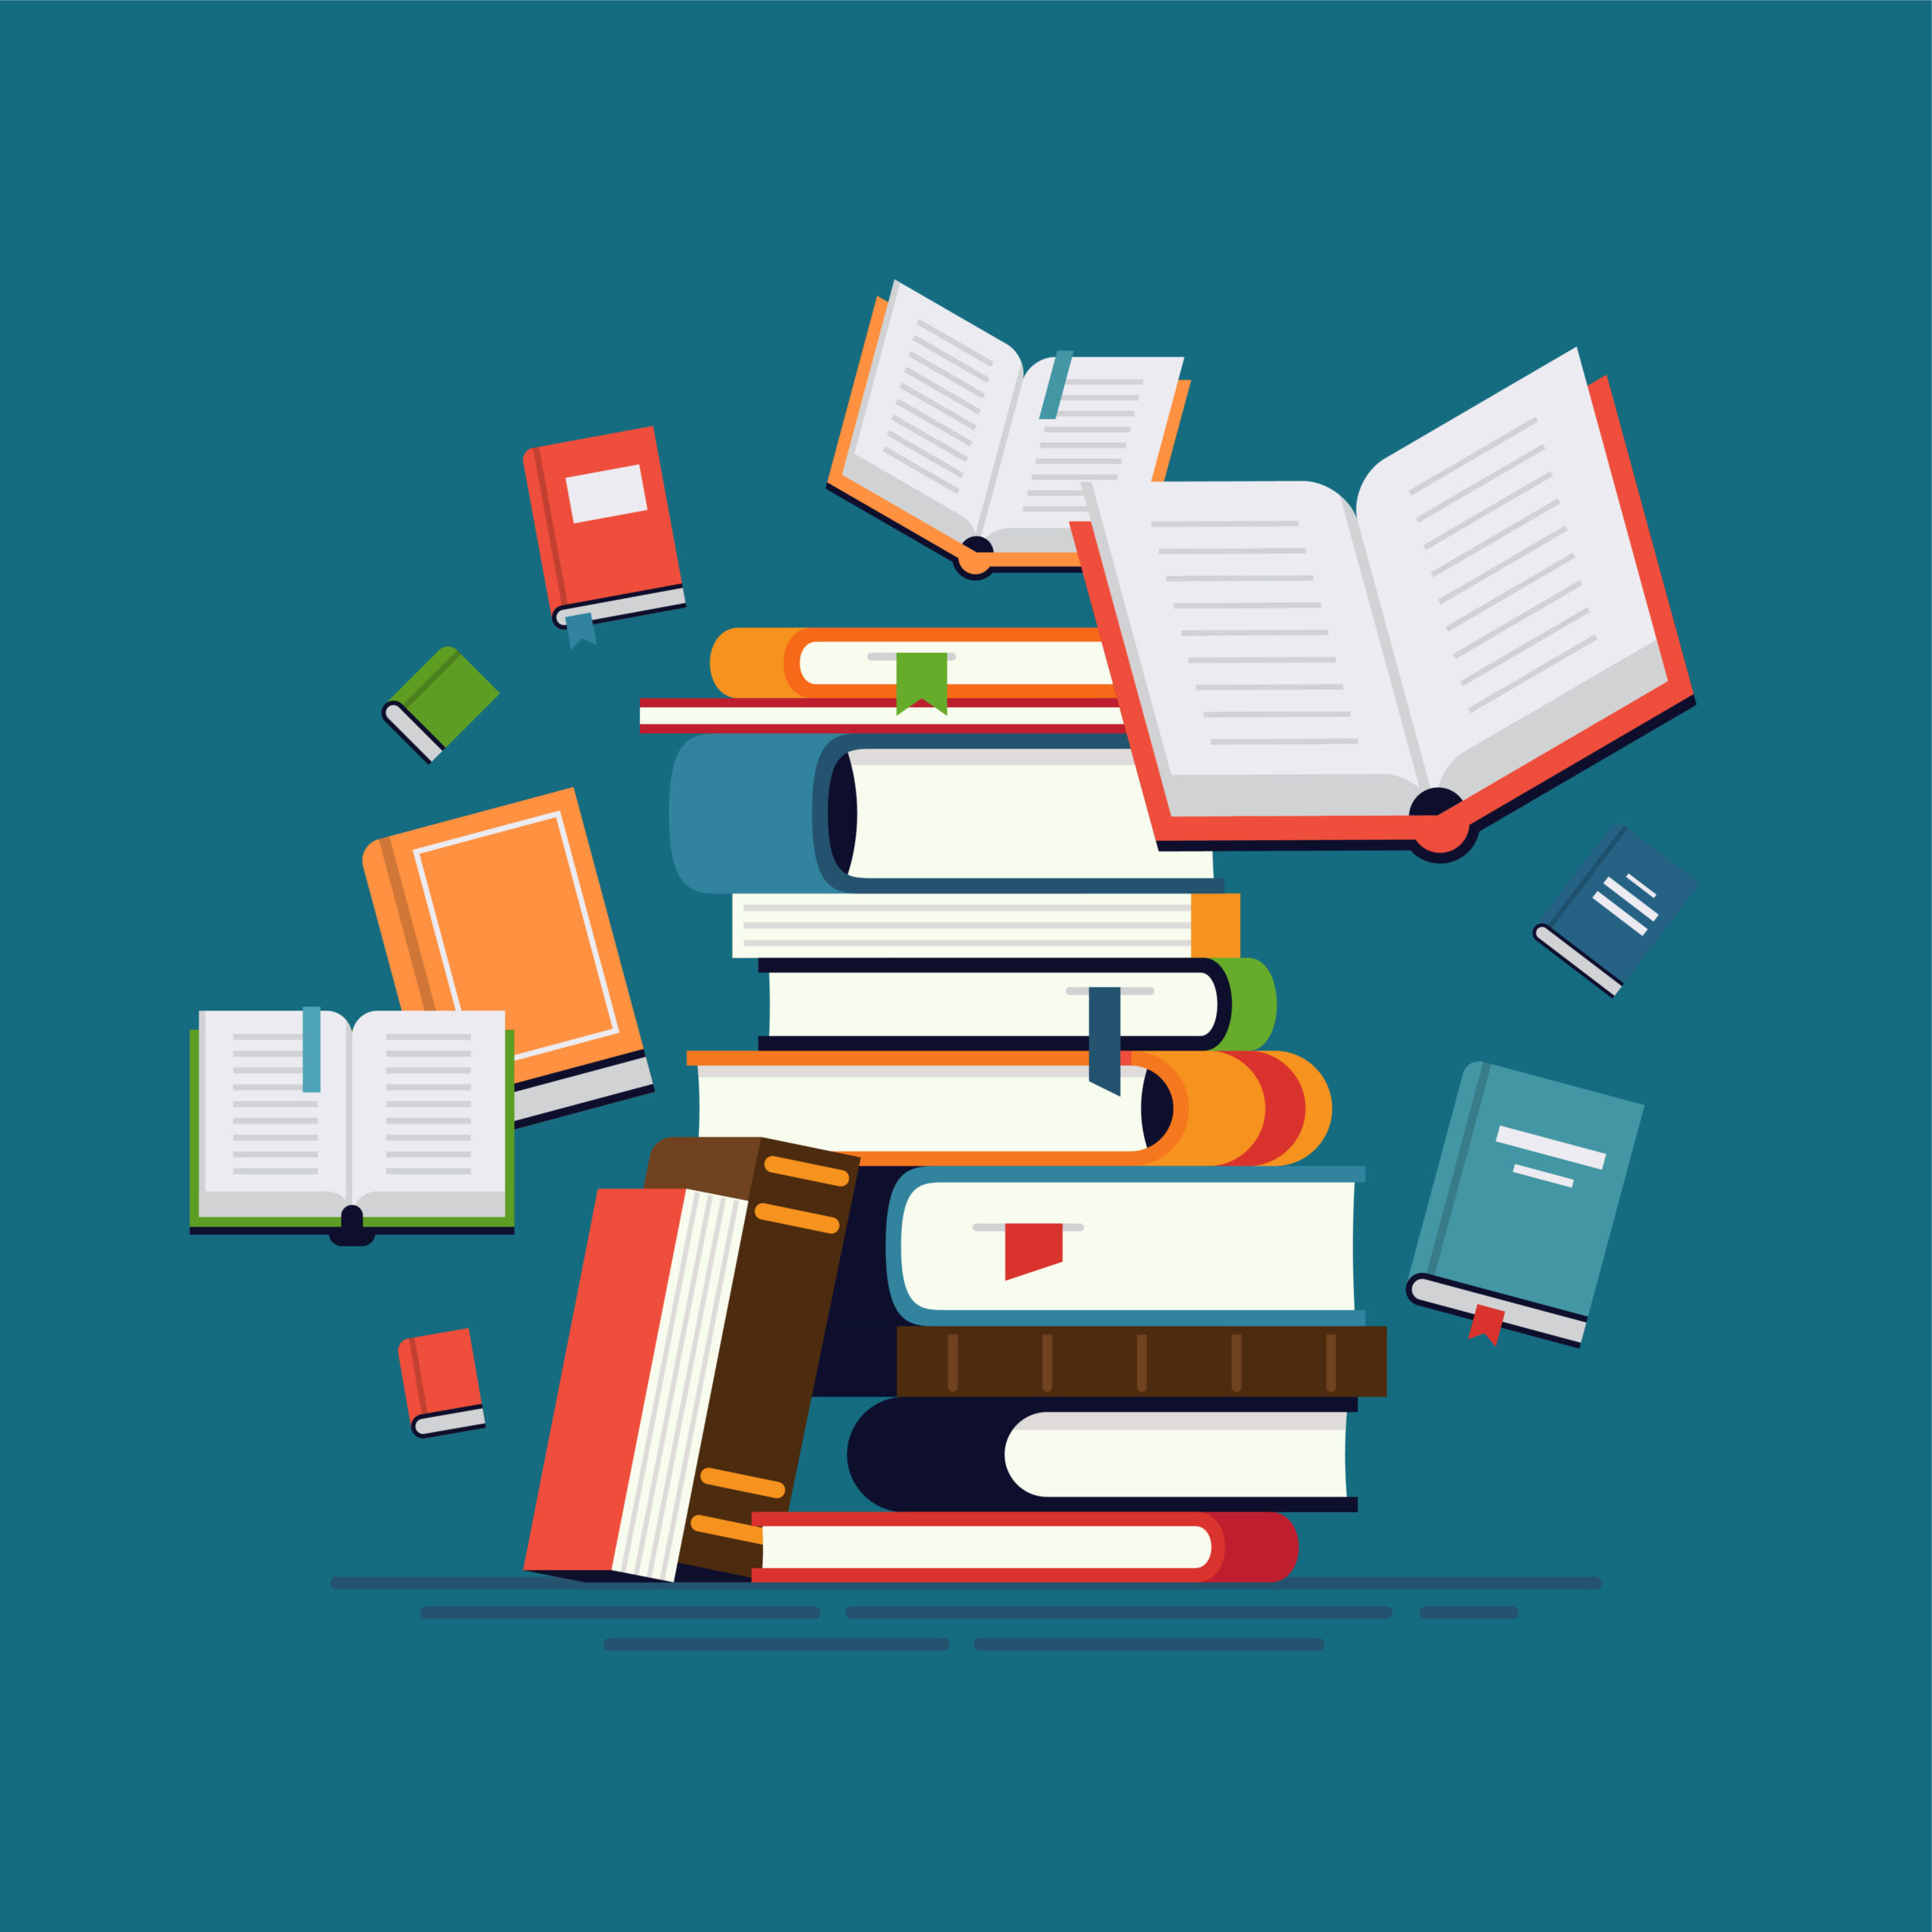 読書で知見を広げる